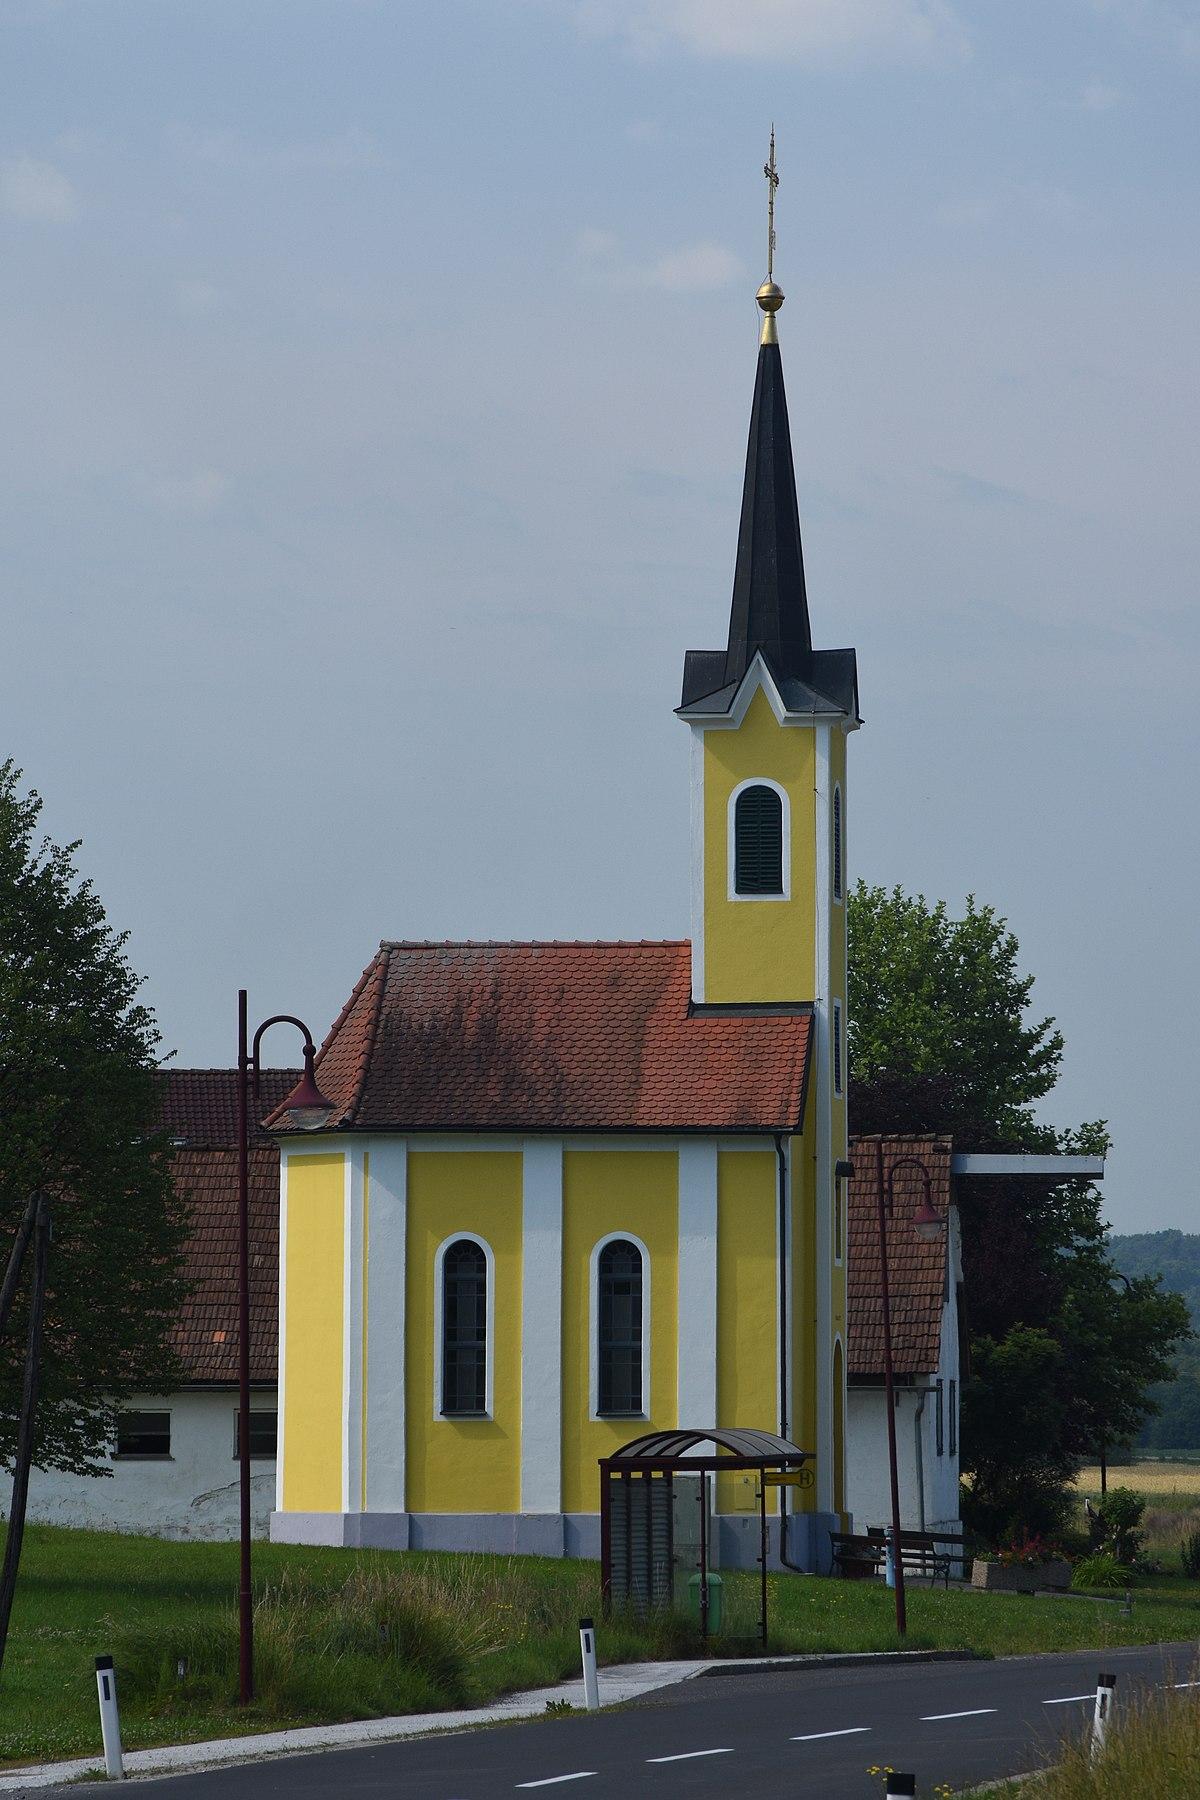 Sonne und Mond heute in Kirchbach, Krnten, sterreich